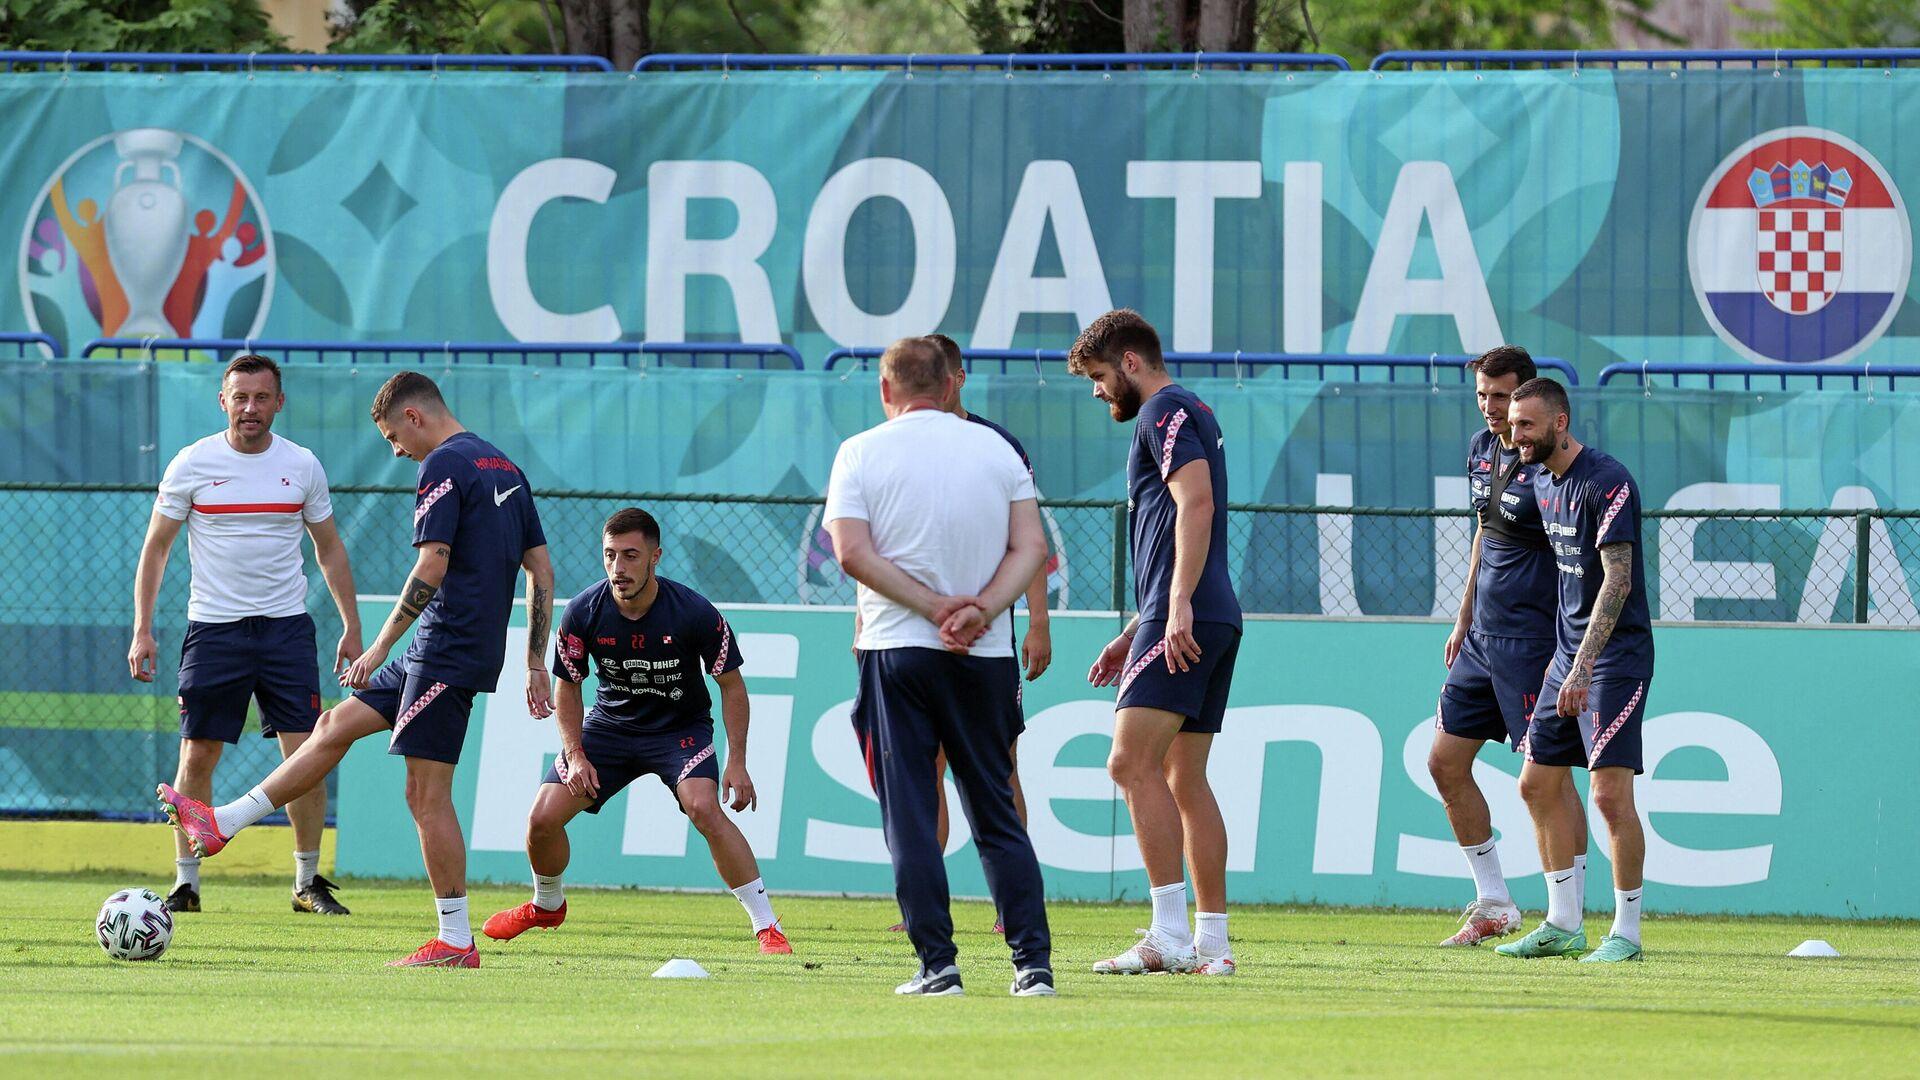 Ивица Олич (слева) на тренировке сборной Хорватии - РИА Новости, 1920, 22.06.2021